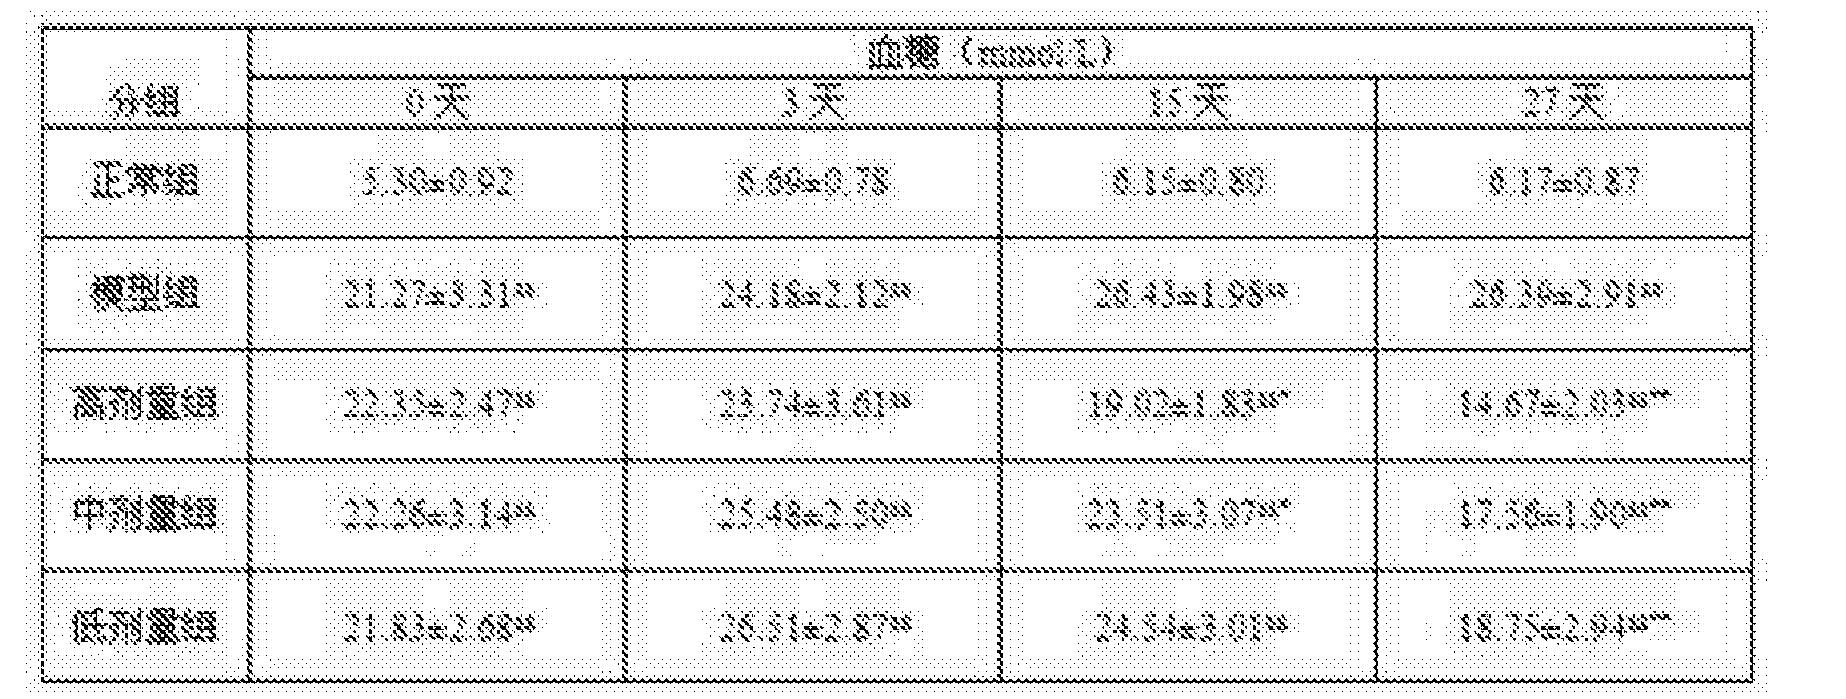 Figure CN104431064BD00072